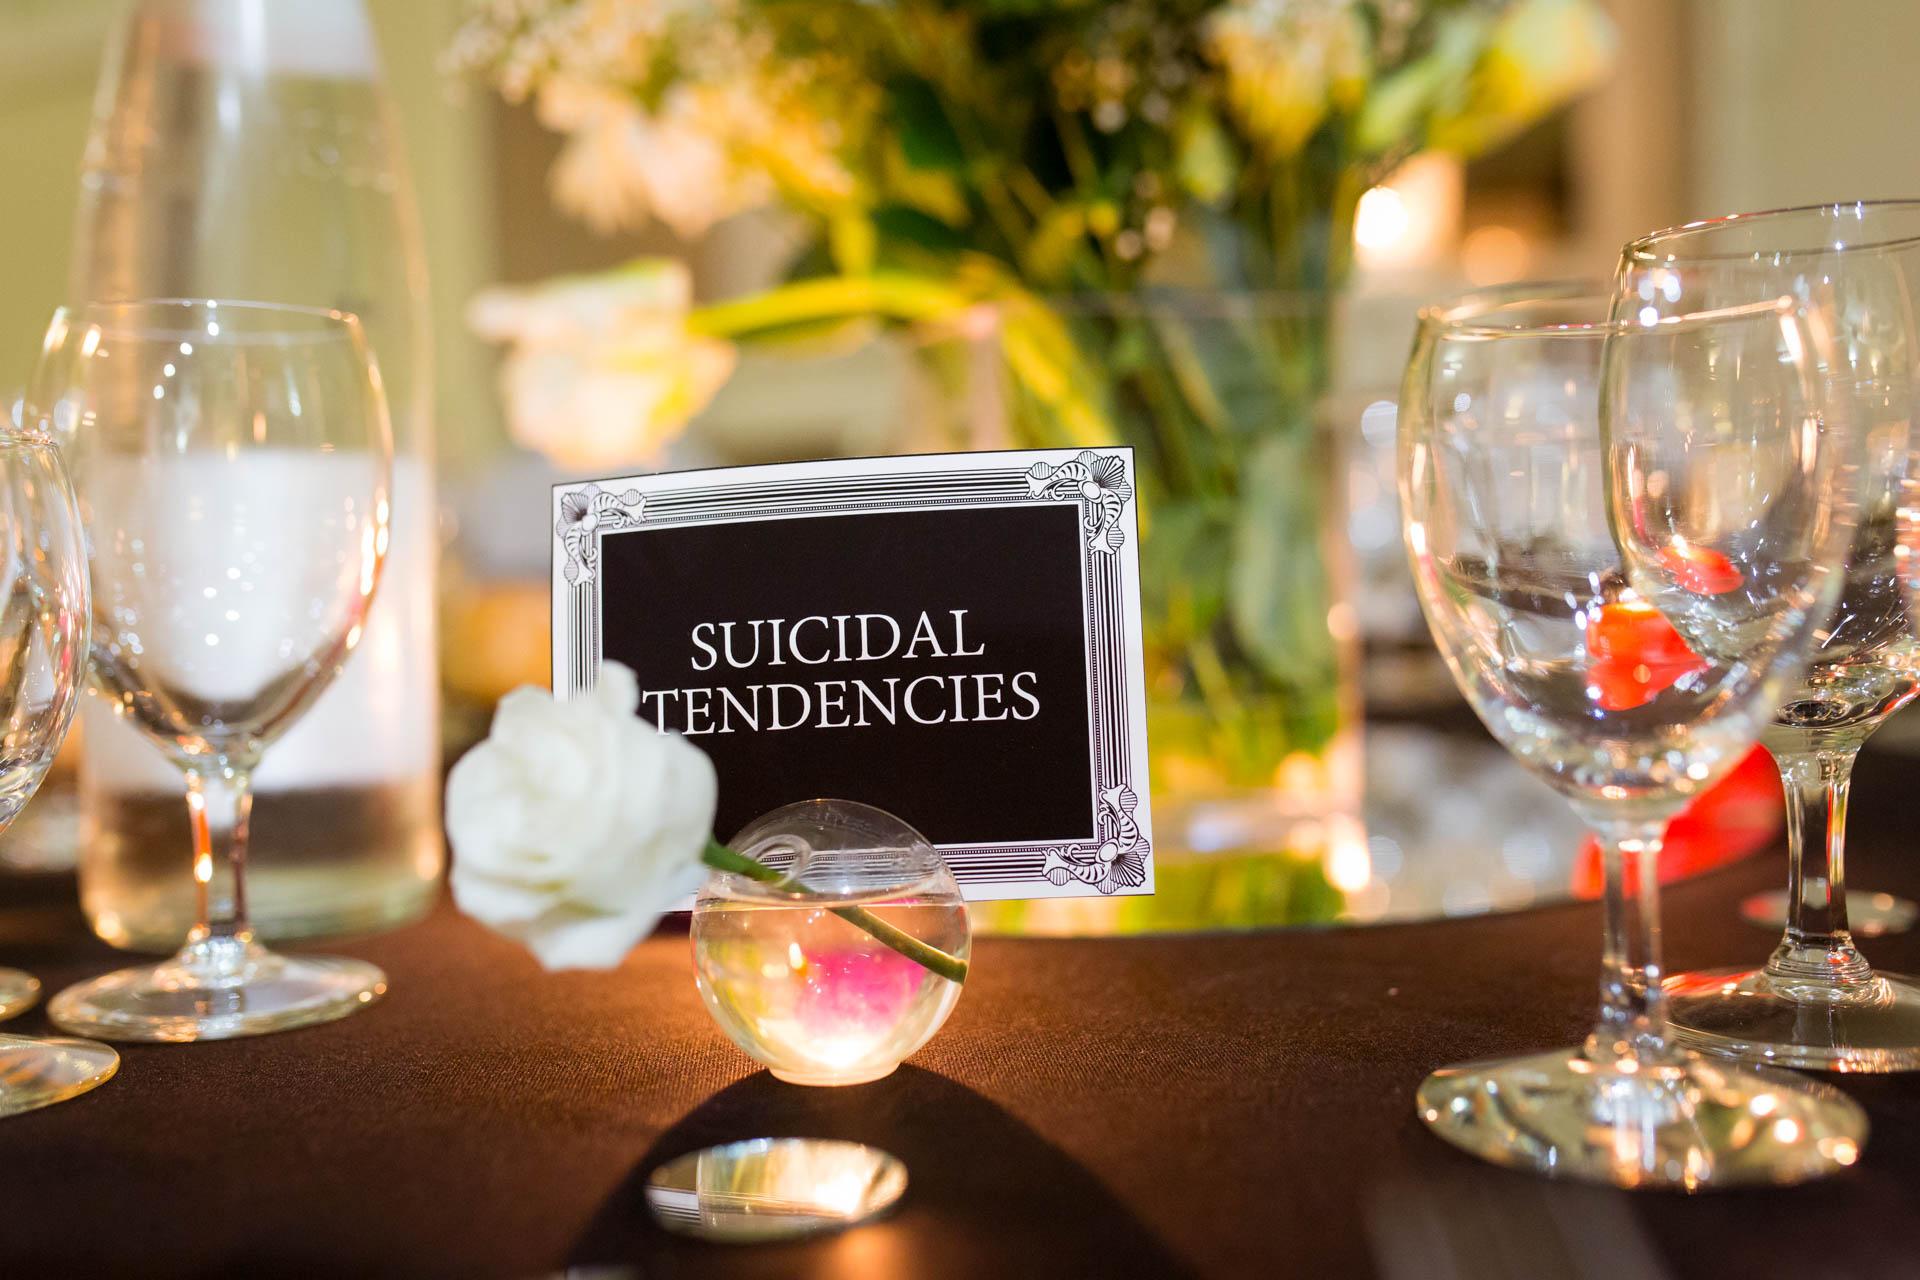 Photographe de Mariage Rock suicidal tendencies